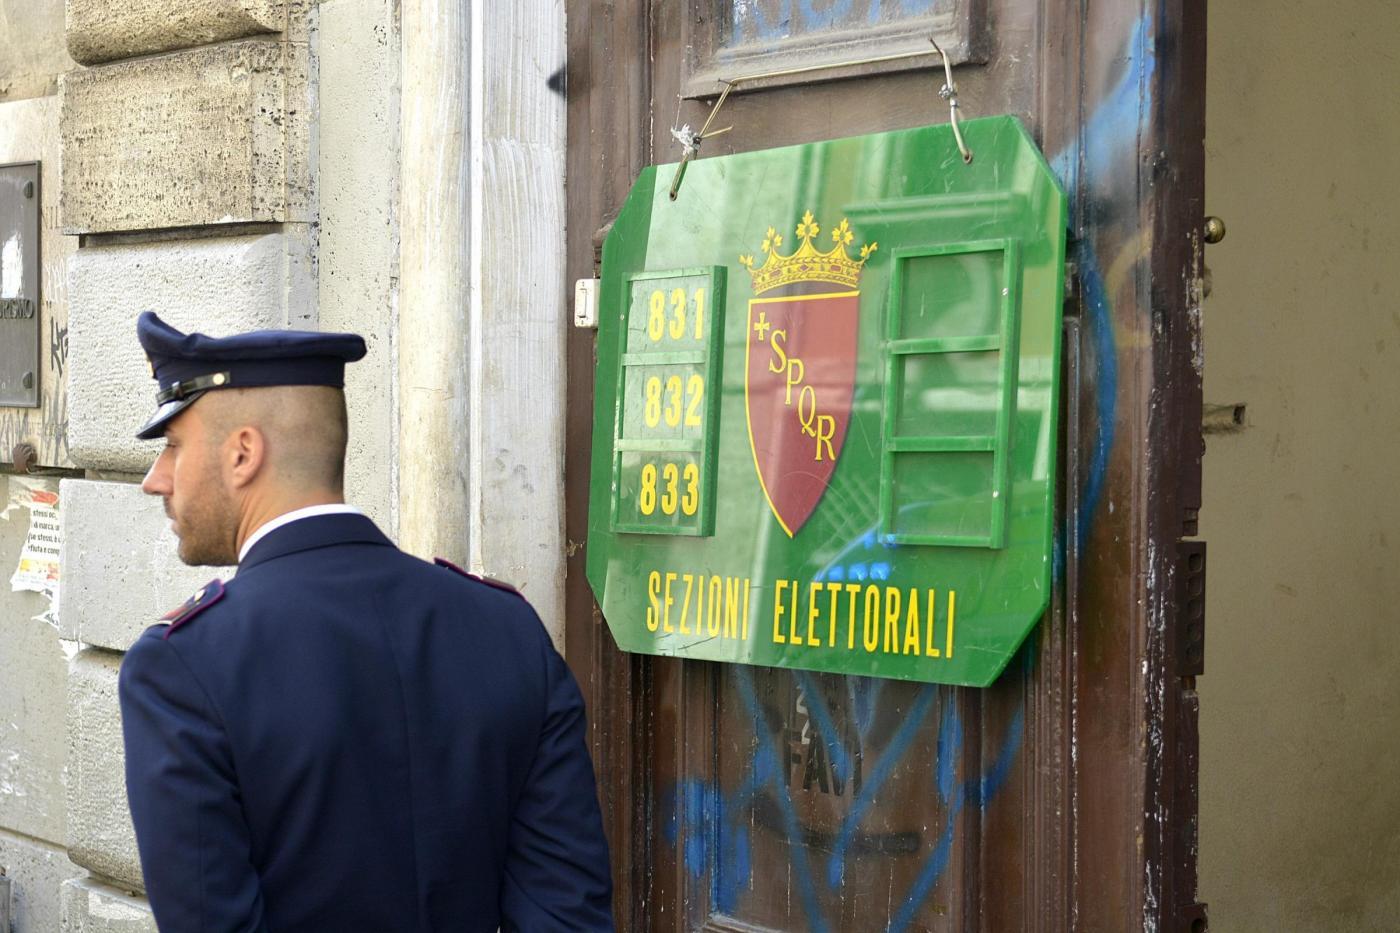 Elezioni Europee 2014, exit poll e proiezioni: Renzi vince con il 41,6%